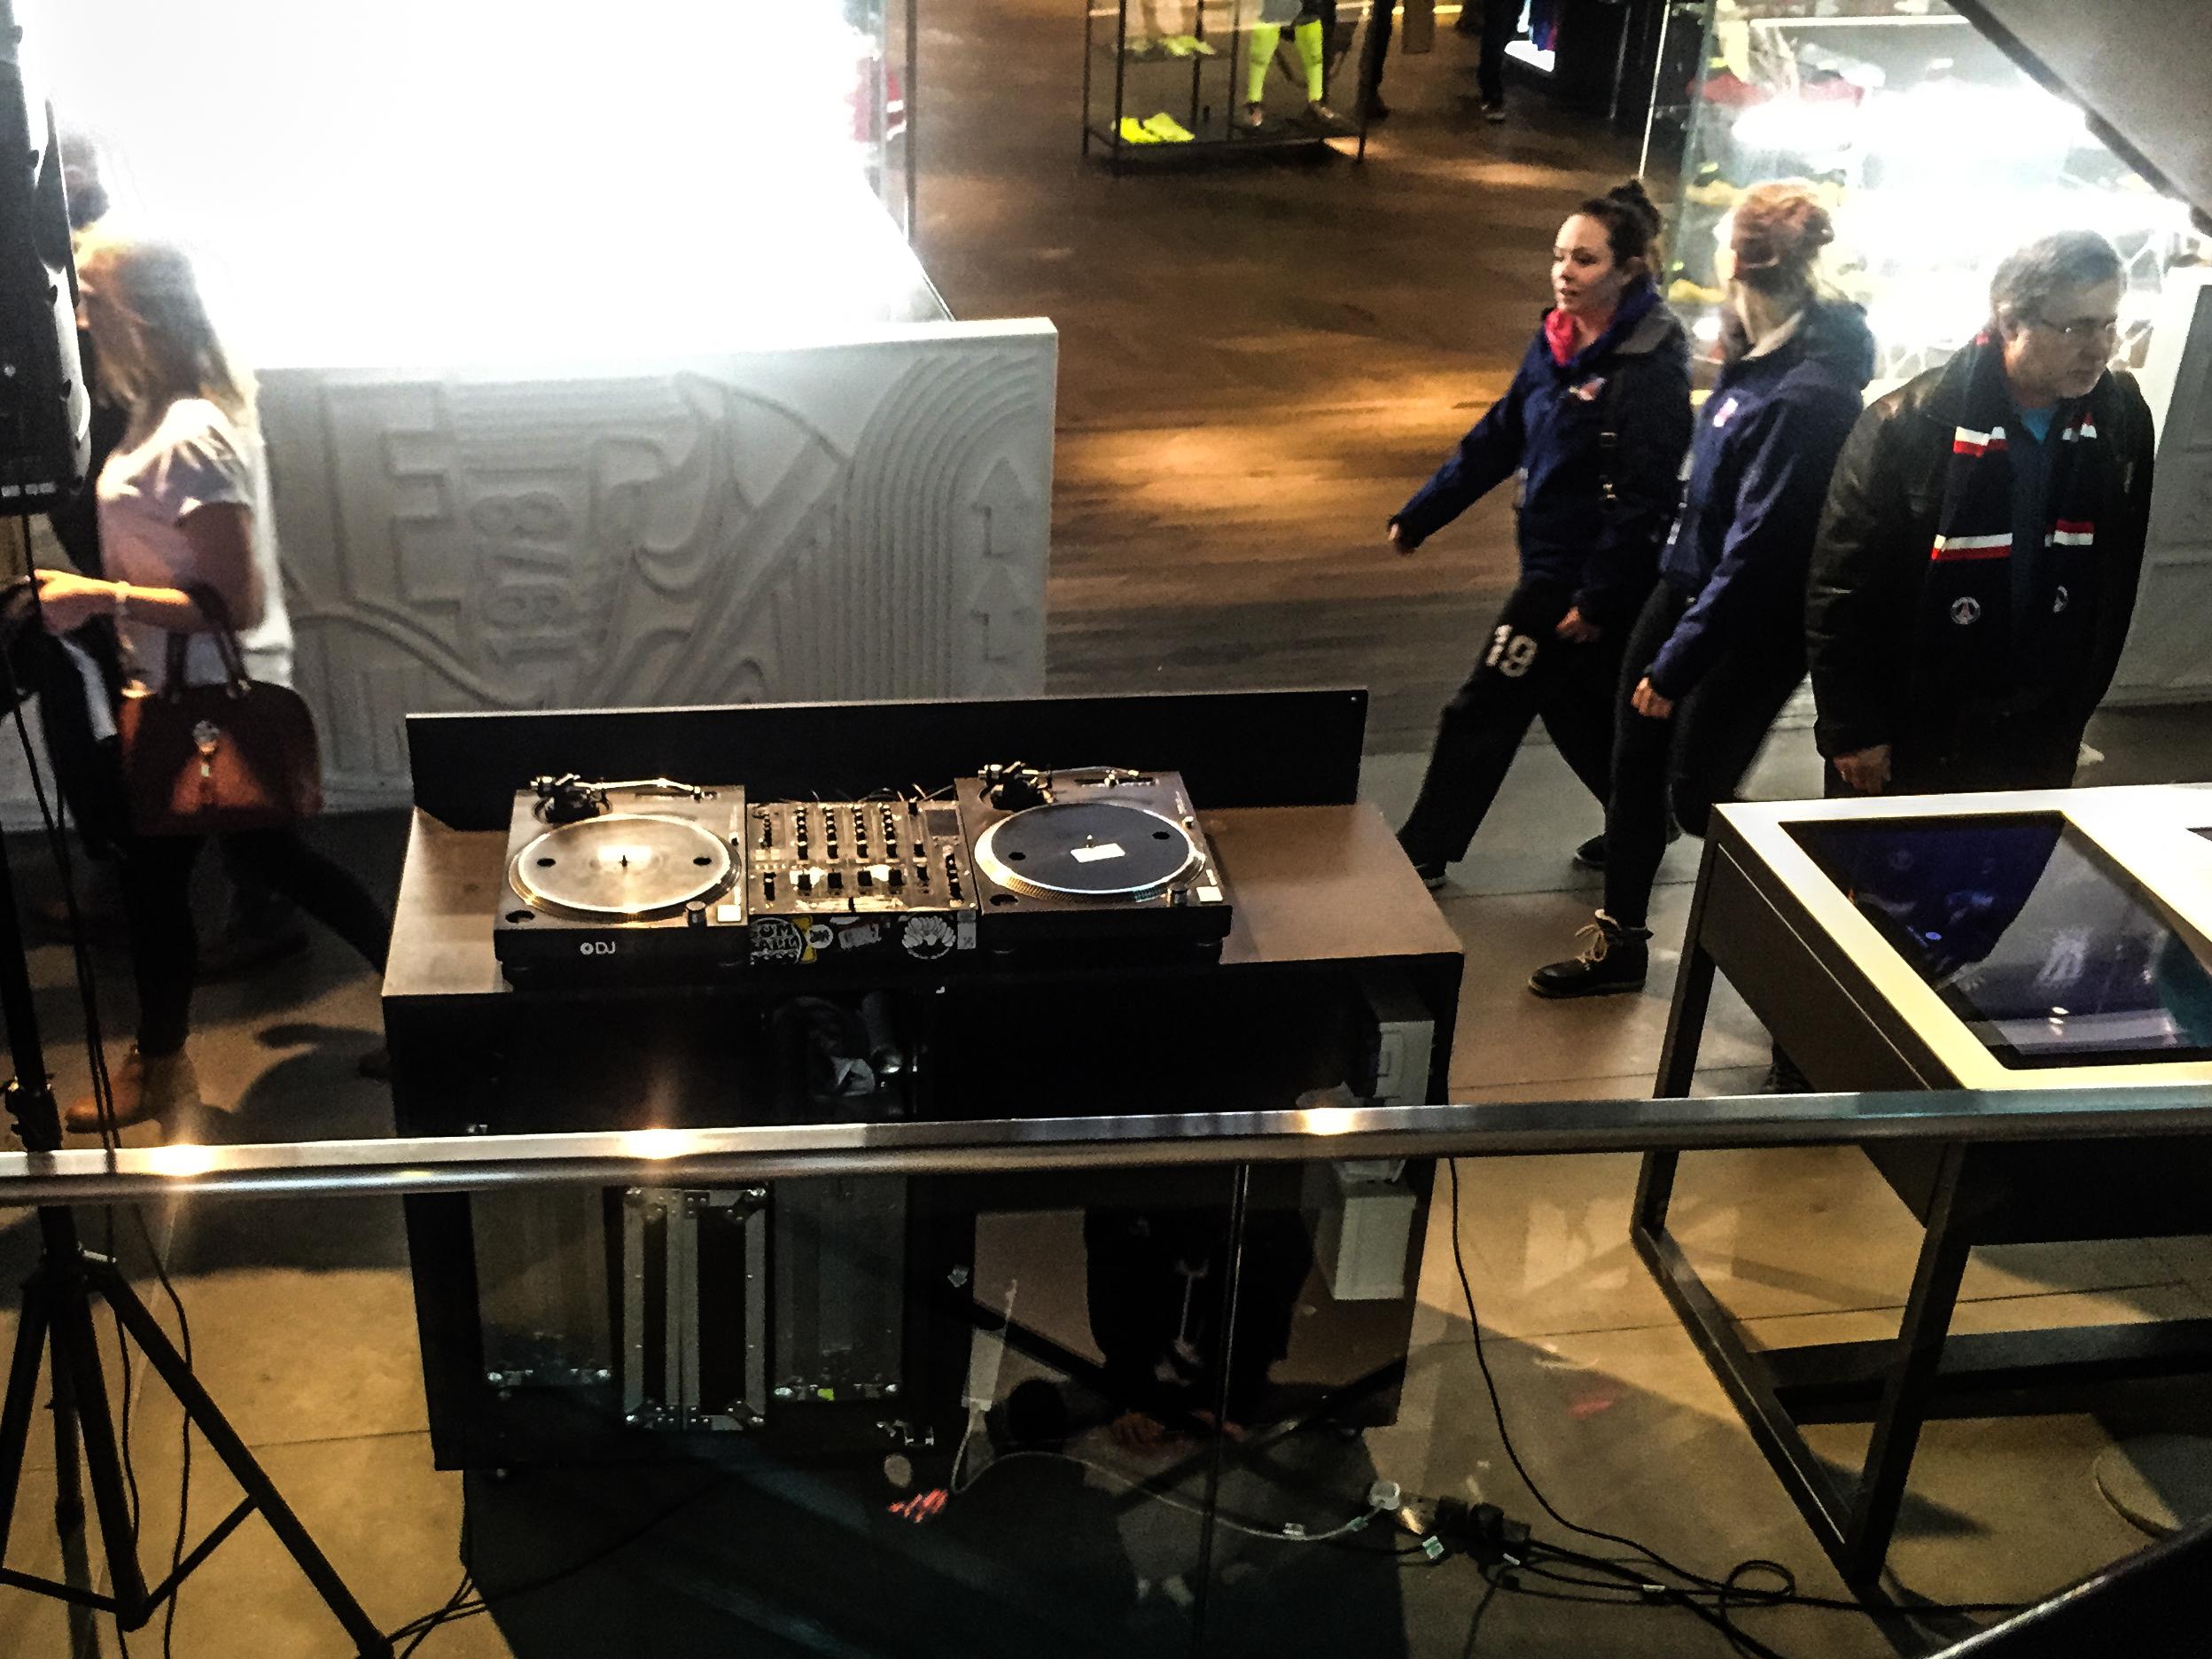 Péntek, szombat este külön DJ szórakoztatja a vásárlókat.